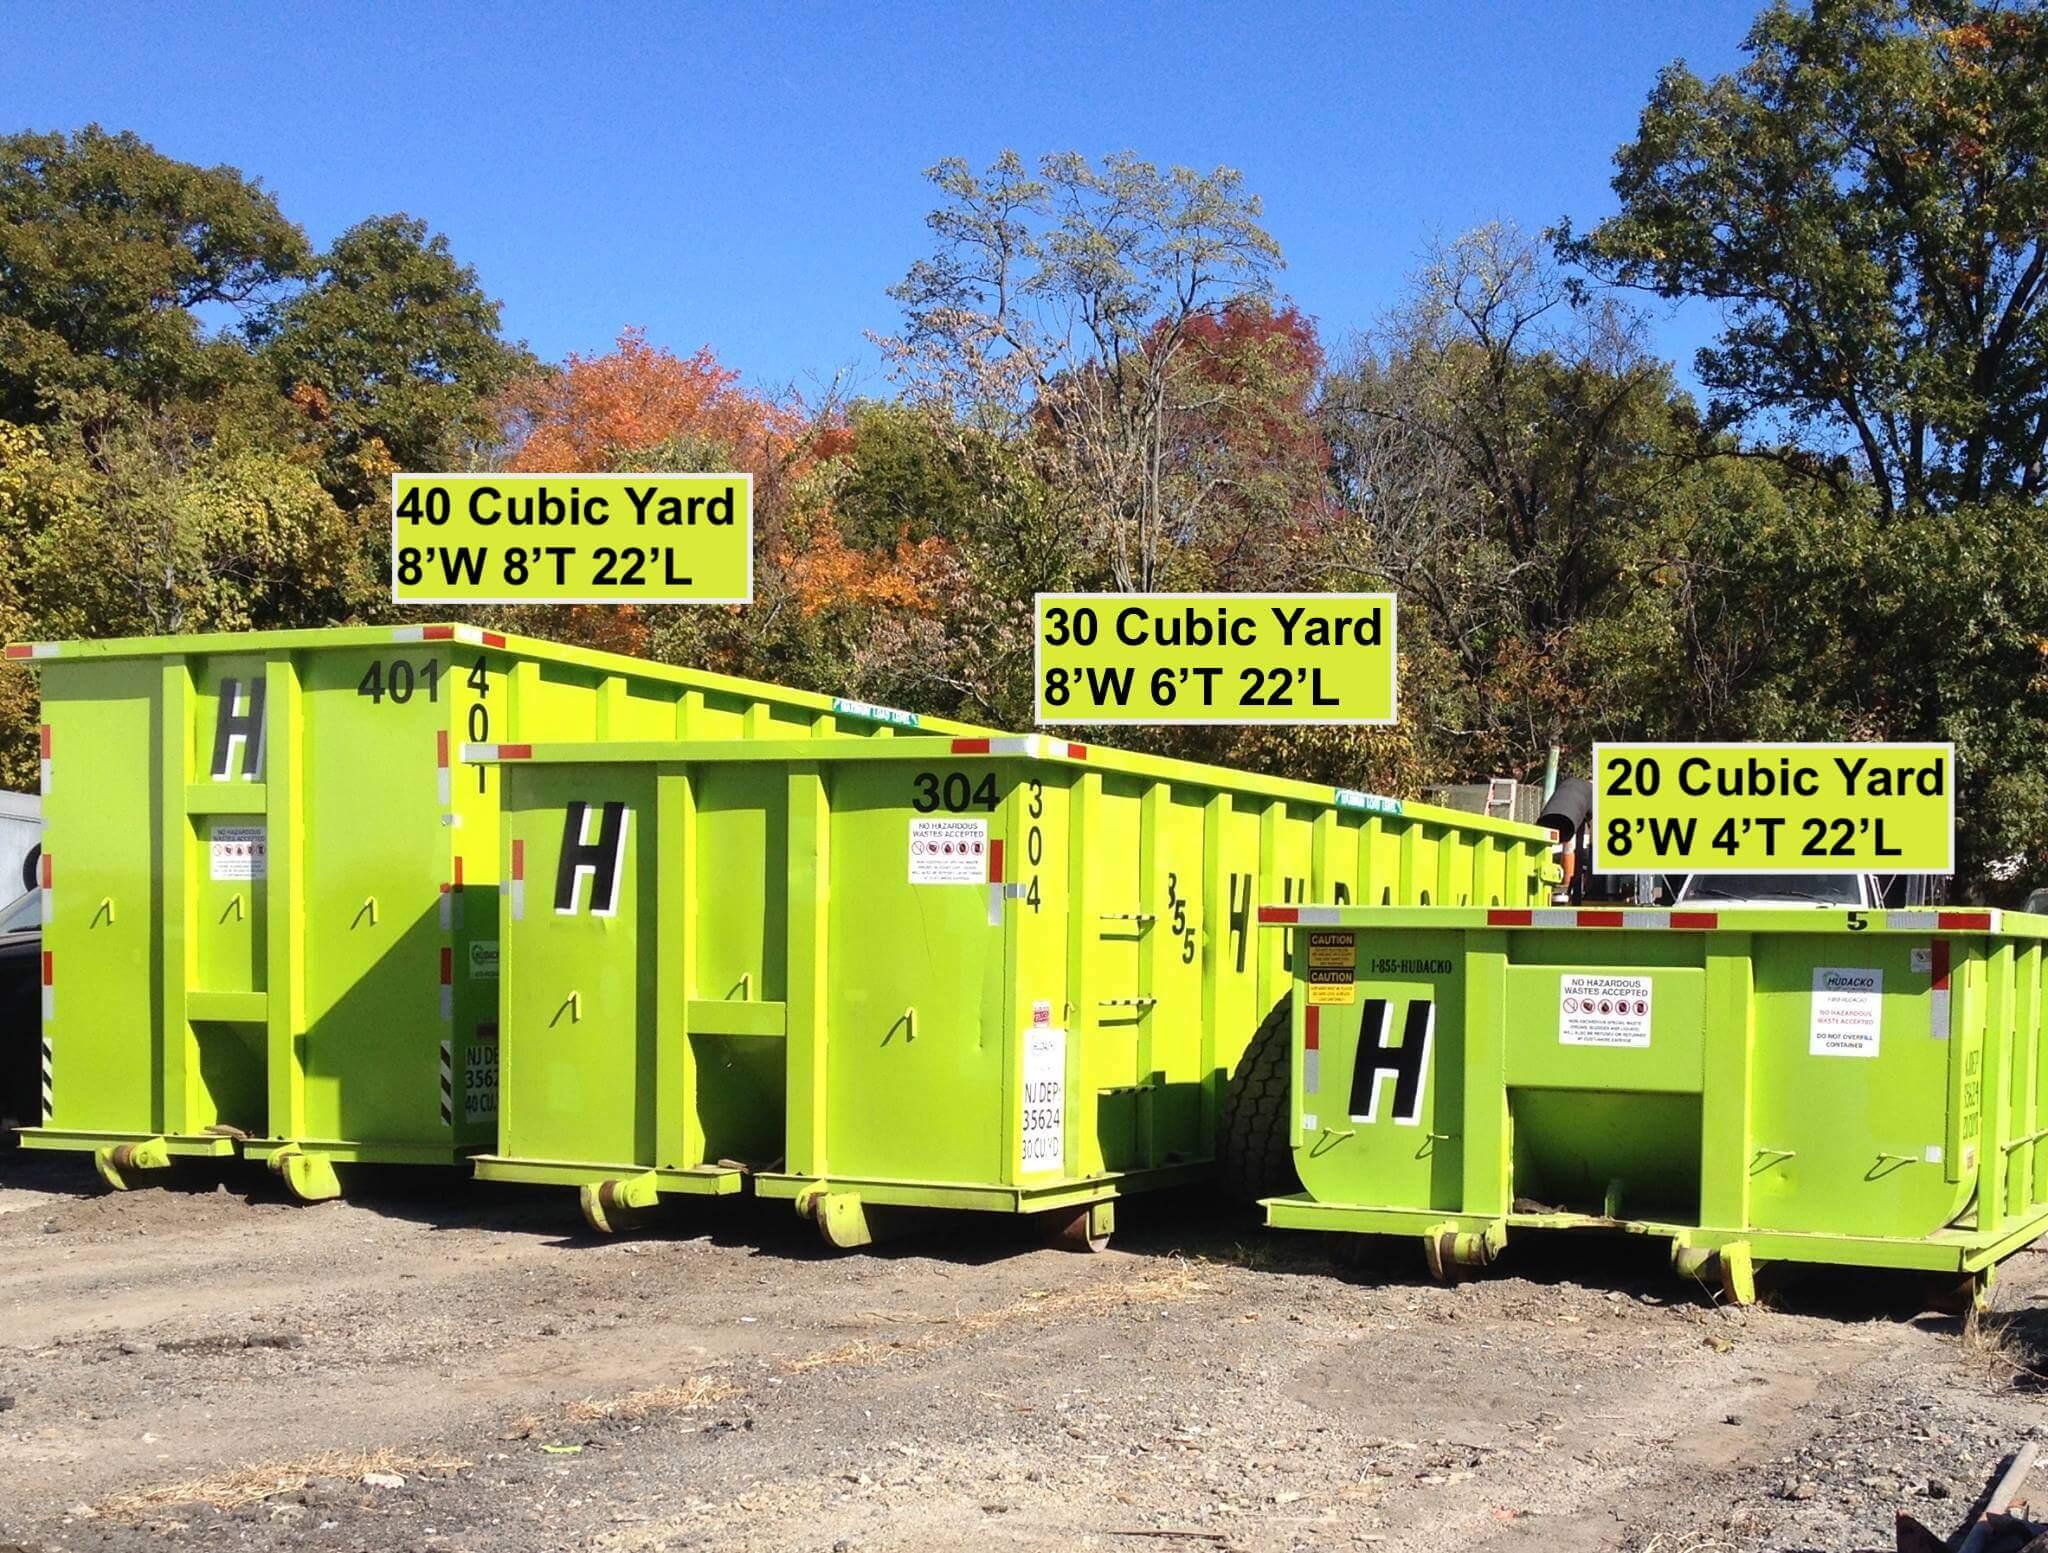 Dumpster Sizes-Scottsdale Dumpster Rental & Junk Removal Services-We Offer Residential and Commercial Dumpster Removal Services, Portable Toilet Services, Dumpster Rentals, Bulk Trash, Demolition Removal, Junk Hauling, Rubbish Removal, Waste Containers, Debris Removal, 20 & 30 Yard Container Rentals, and much more!